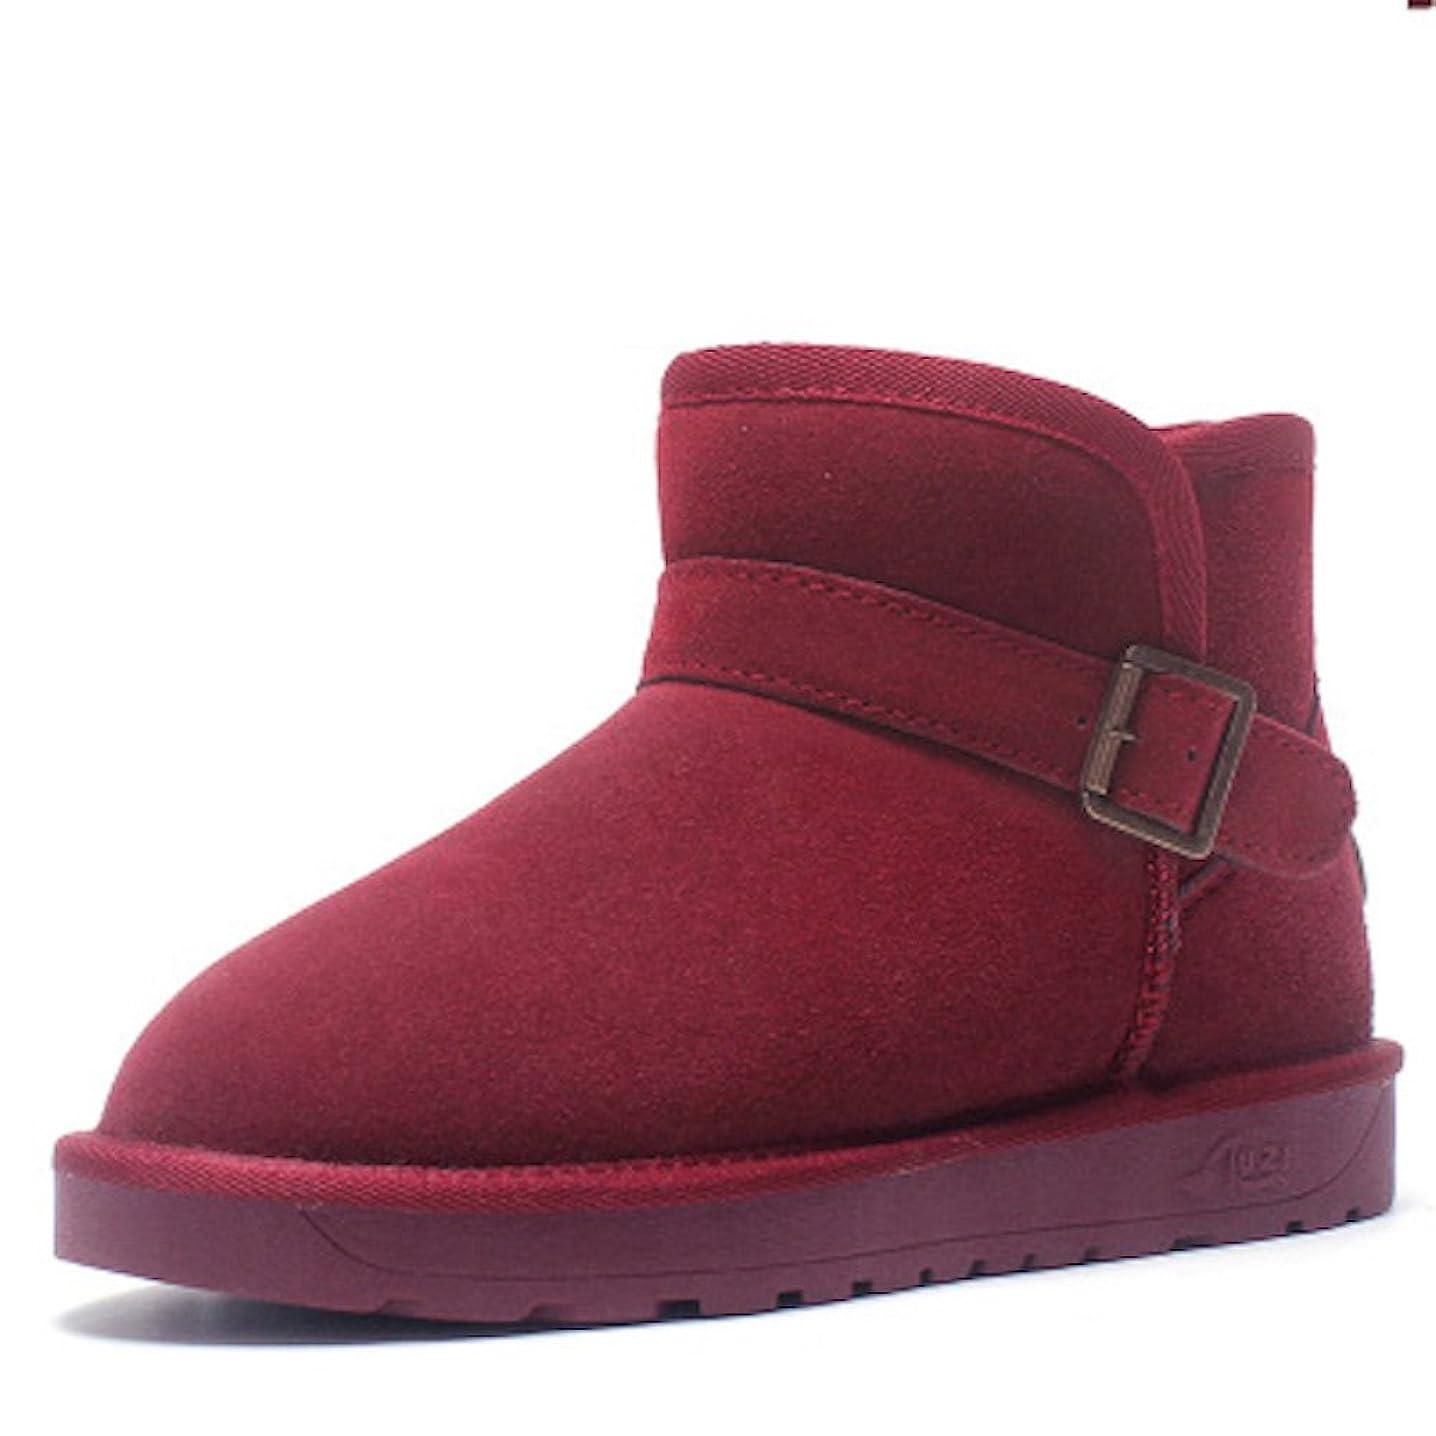 黒ベルト年ブーツ ショートブーツ レディース 革 ウォーキングシューズ 革靴 レザー カジュアル 軽量 (23, ブルー)